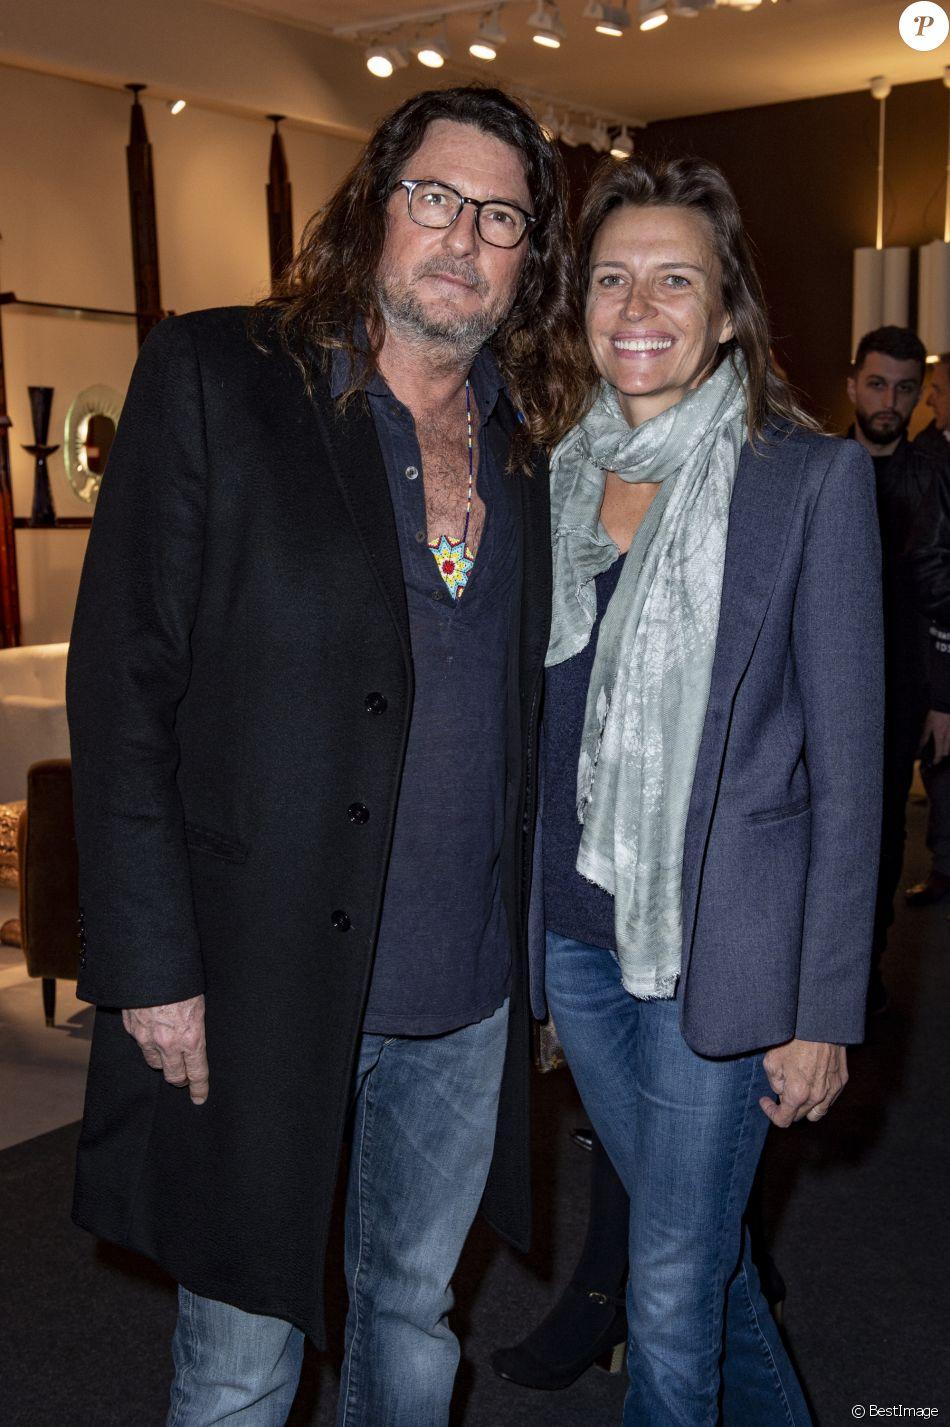 46384ae4383 Exclusif - Jacques Antoine Granjon et sa femme lors du salon PAD (Paris Art  Design) à Paris le 3 avril 2019. © Julio Piatti   Bestimage